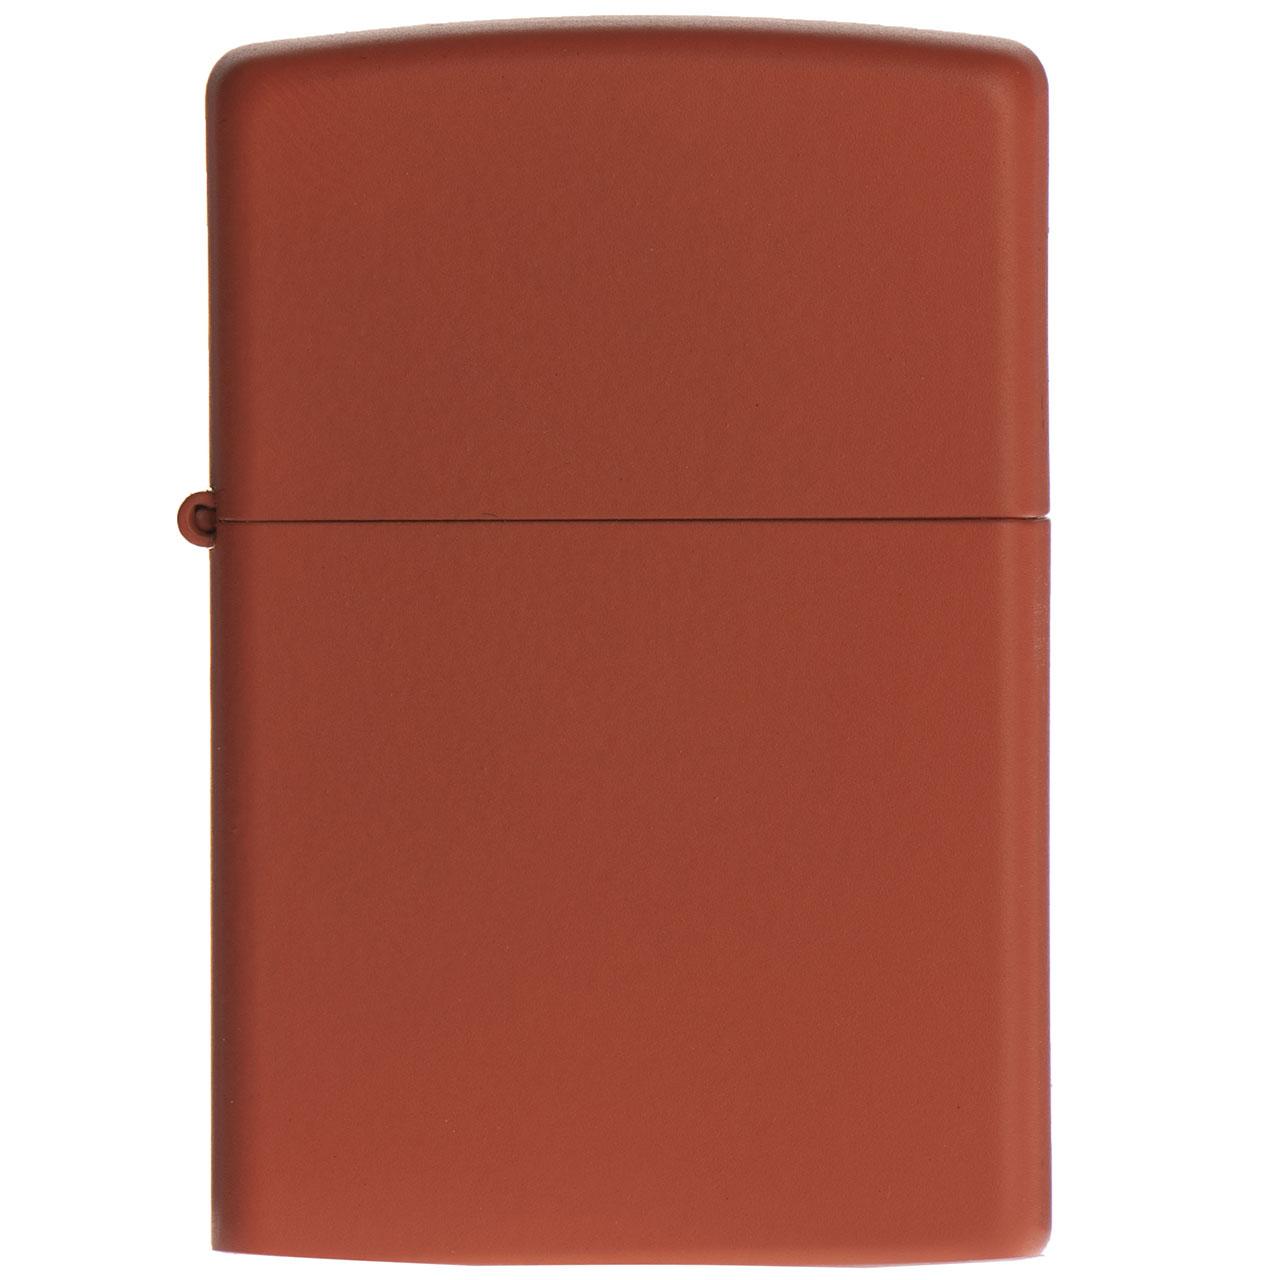 فندک زیپو مدل Req Orange Matte کد 231  در بزرگترین فروشگاه اینترنتی جنوب کشور ویزمارکت